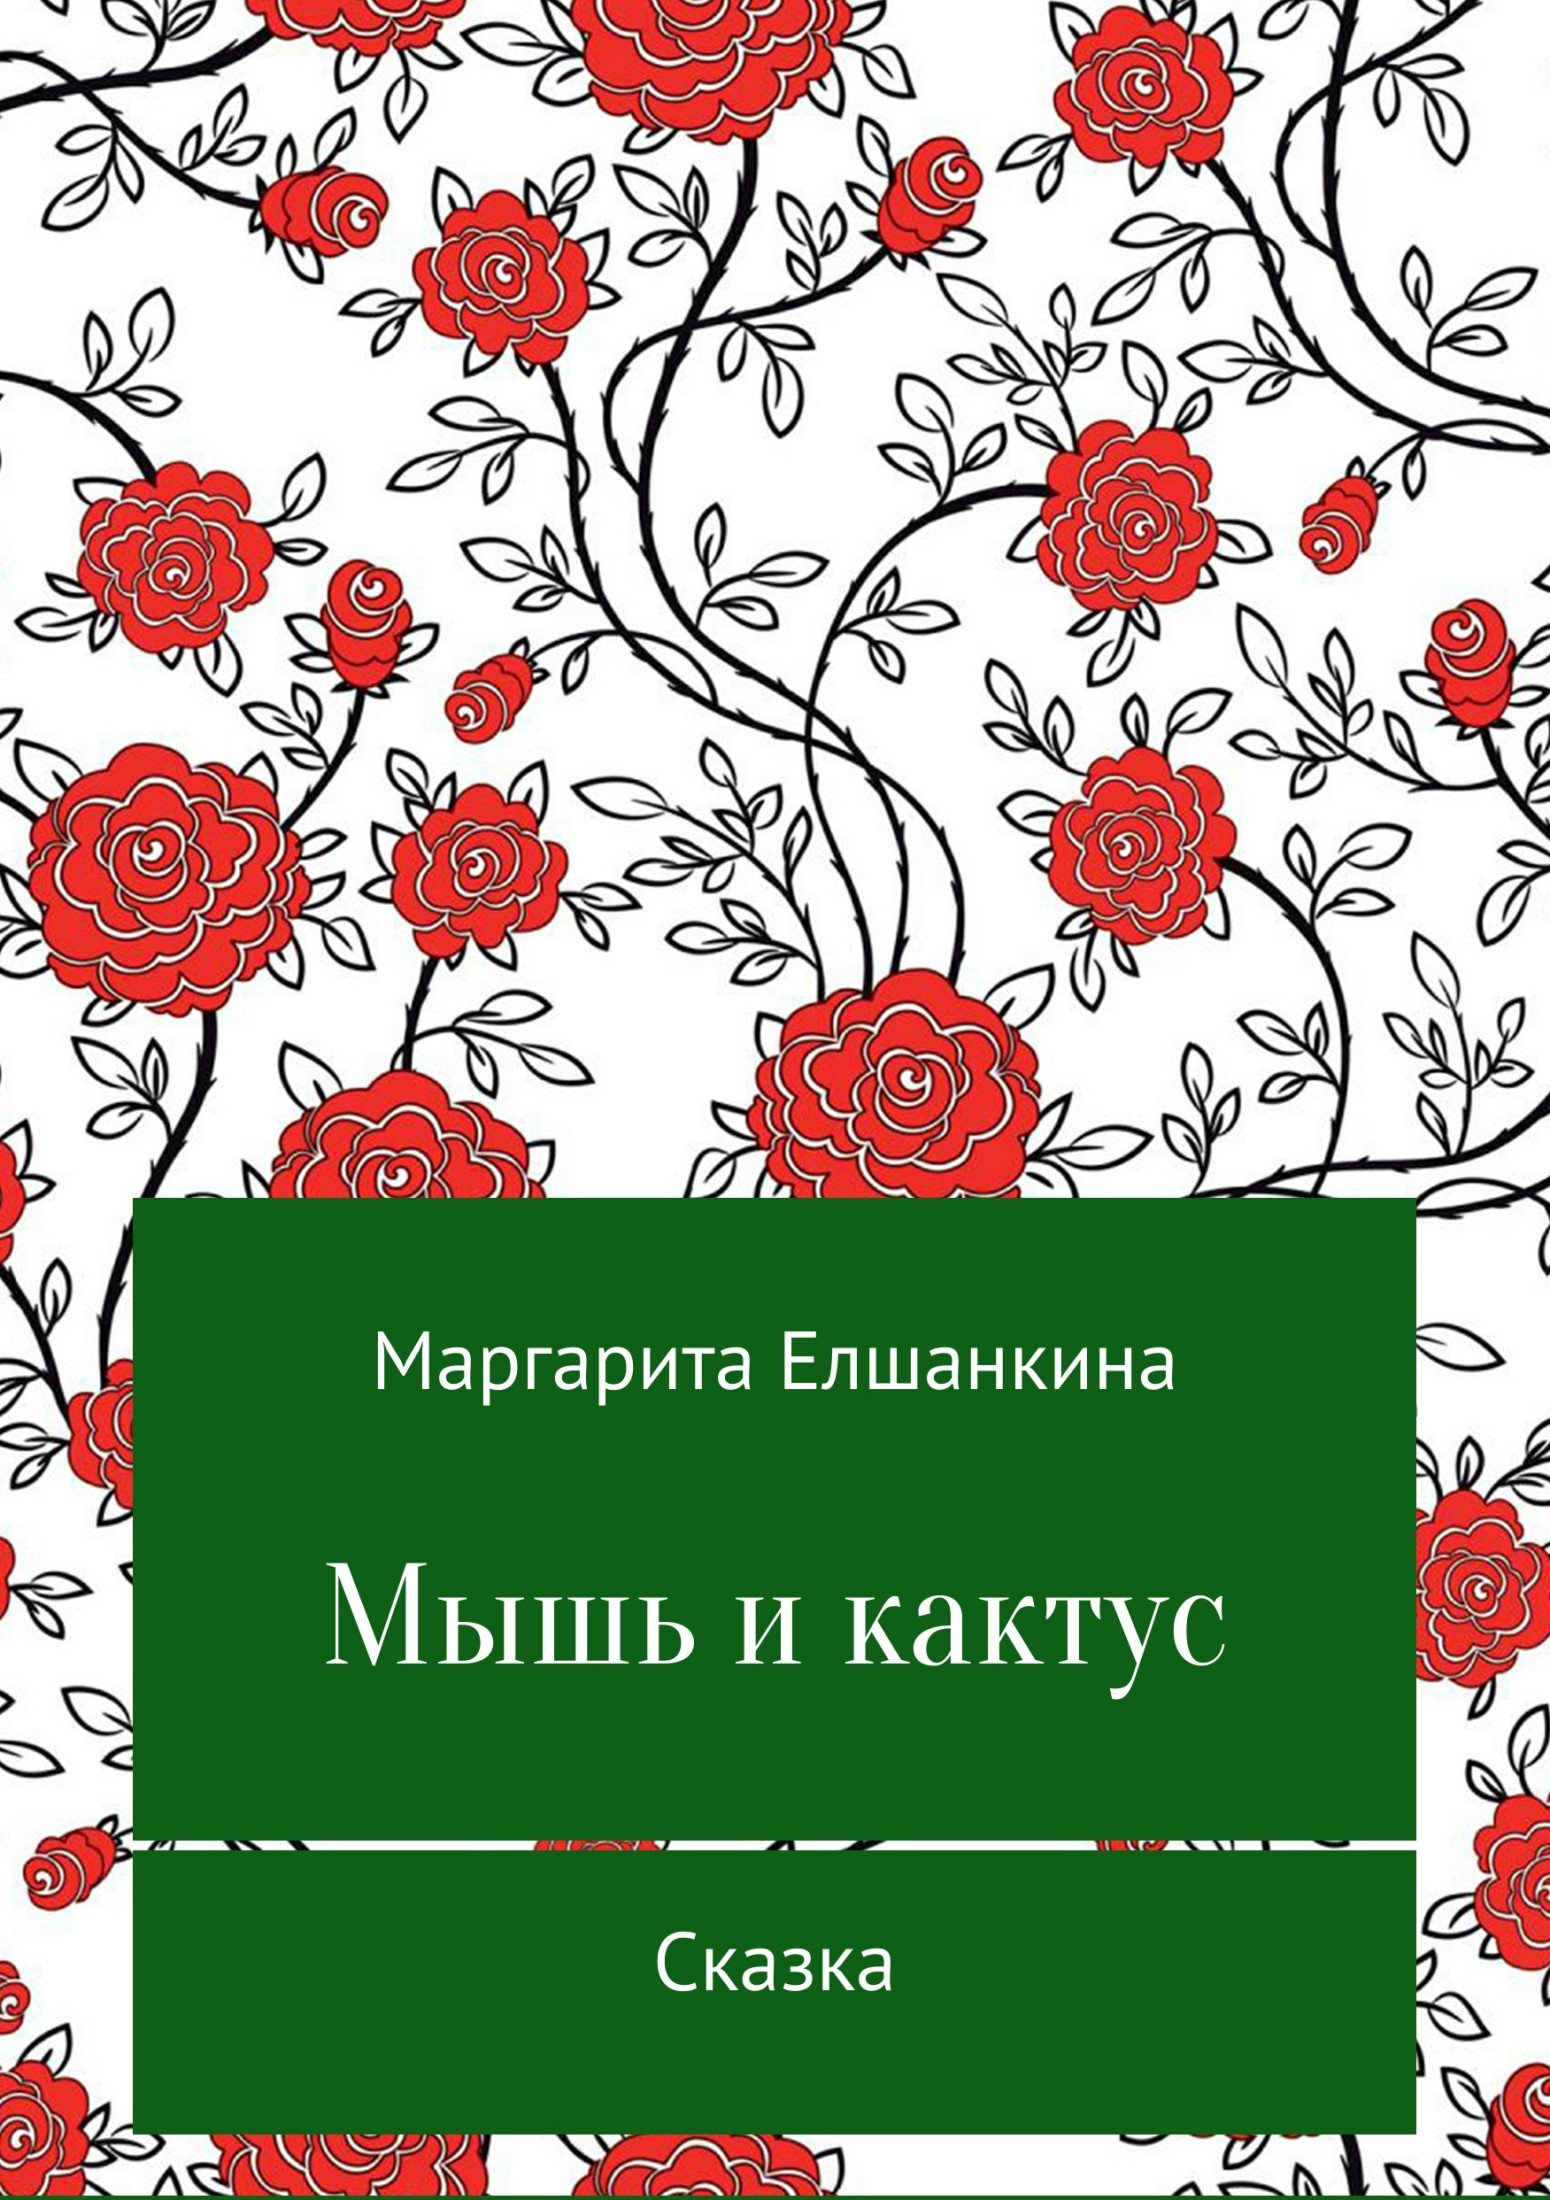 Маргарита Елшанкина - Мышь и кактус